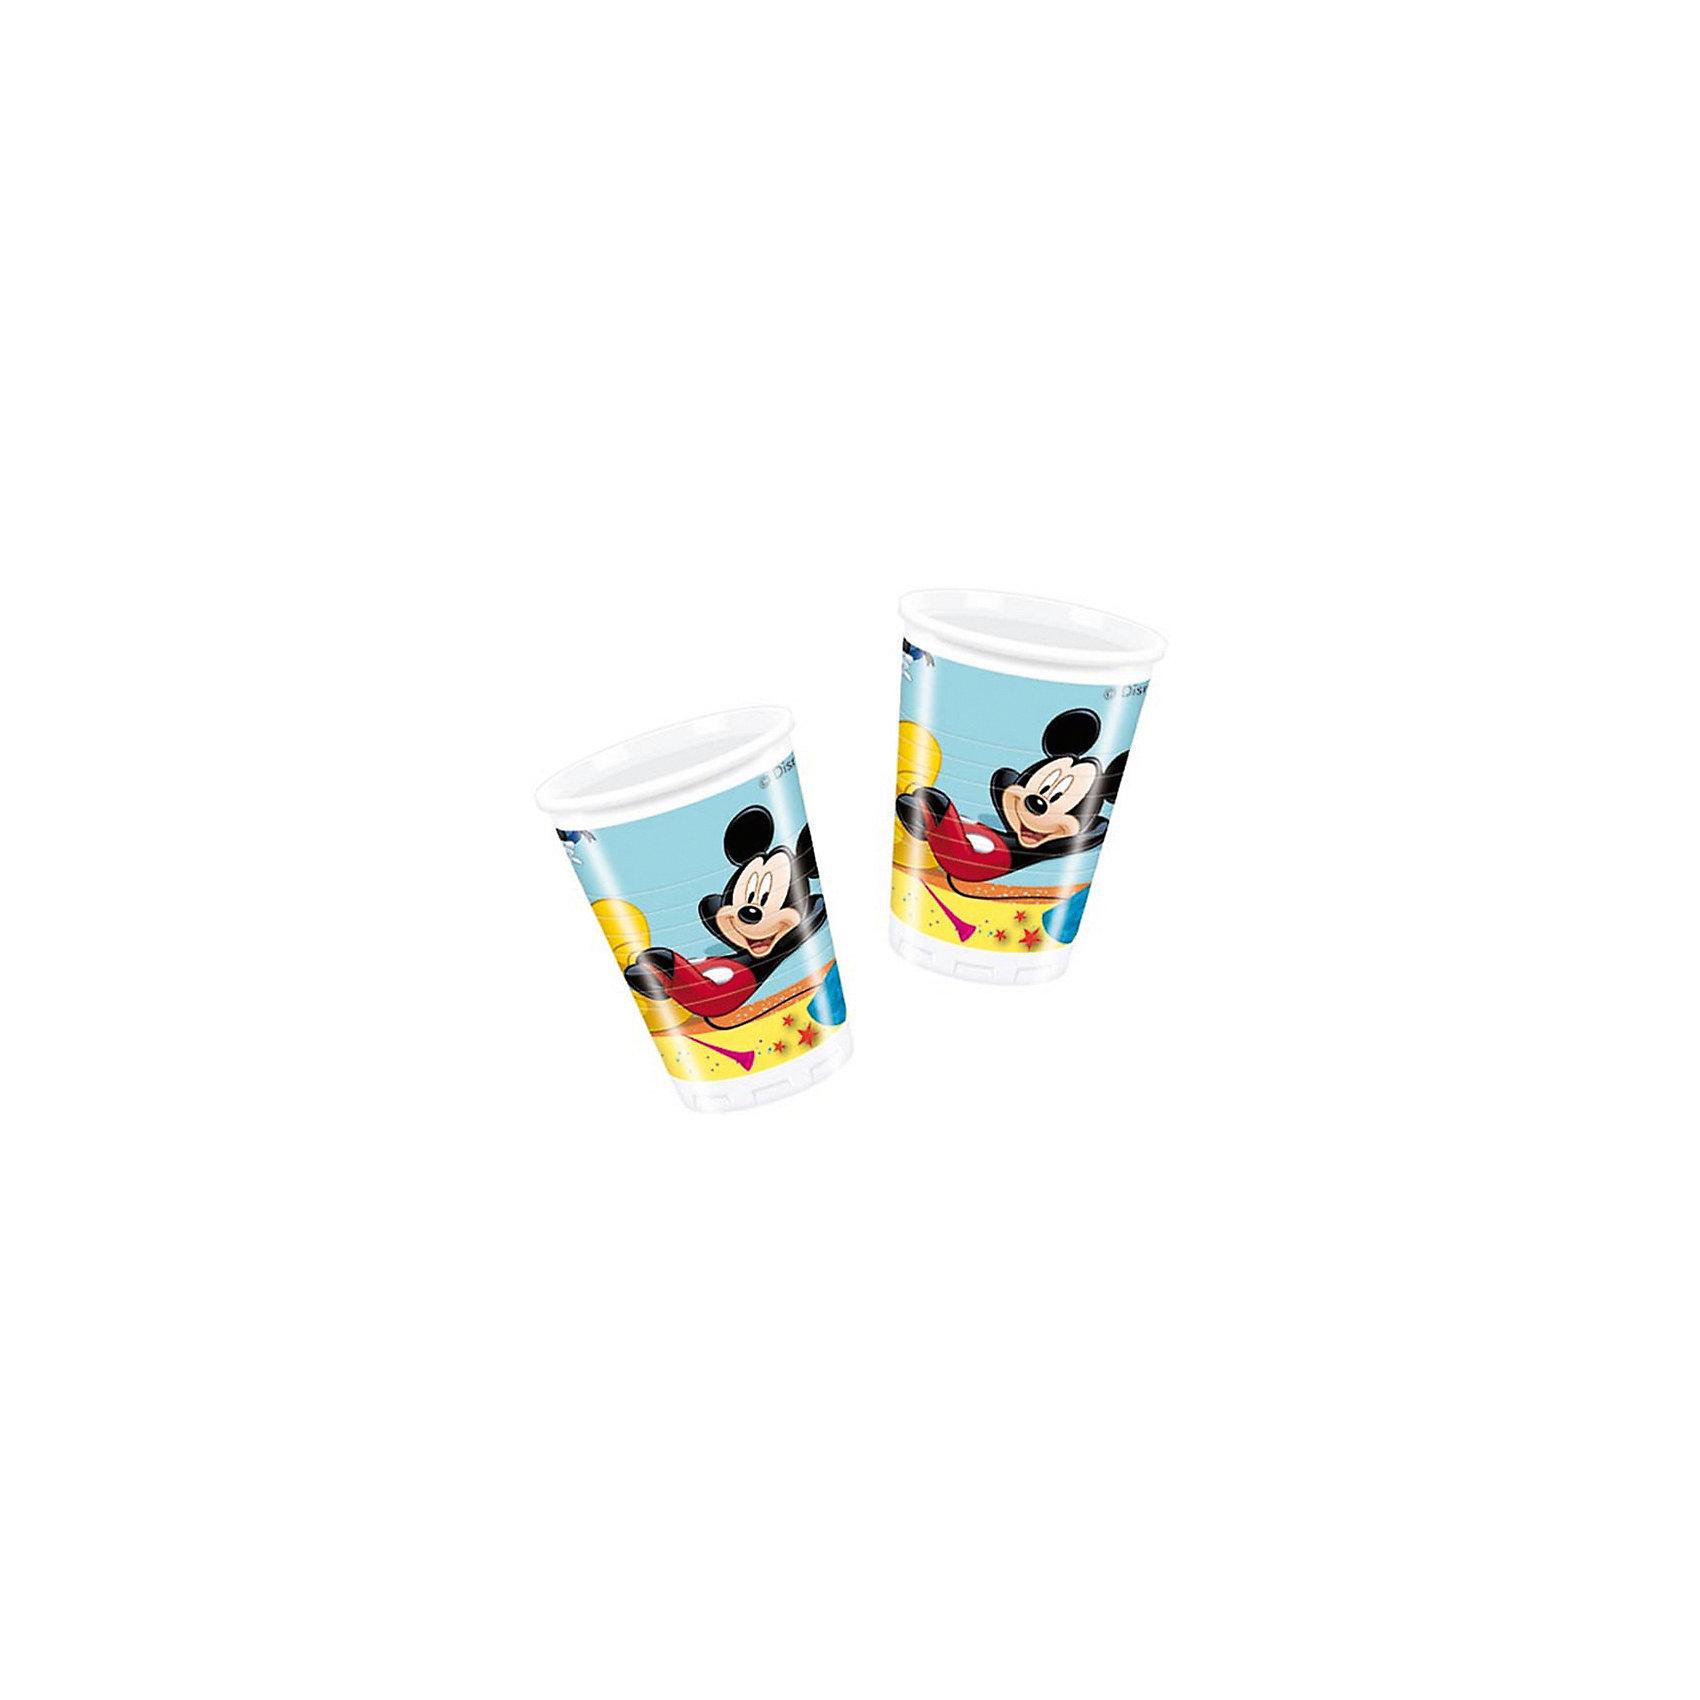 Стаканы пластиковые Микки Маус на карнавале 180 мл, 10 шт.Микки Маус и его друзья<br>Стаканы пластиковые Микки Маус на карнавале 180 мл, 10 шт.<br>Объем стакана: 180 мл. <br>Чтобы любой детский праздник стал гораздо красочнее, интереснее и запомнился надолго, украсьте праздничный стол стаканы с тематическим рисунком. <br>Детские разноцветные стаканы с Микки Маусом и его другом Гуффи из мультфильма Диснея понравятся все ребятам без исключения.  <br>Детские стаканы изготовлены из высококачественных и нетоксичных материалов. <br>В комплекте: 10 штук.<br><br><br>Дополнительная информация:<br><br>65х65х110 мм<br><br>Поднимет настроение всей компании Вашего малыша!<br>Легко приобрести в нашем интернет-магазине!<br><br>Ширина мм: 65<br>Глубина мм: 65<br>Высота мм: 110<br>Вес г: 35<br>Возраст от месяцев: 36<br>Возраст до месяцев: 84<br>Пол: Мужской<br>Возраст: Детский<br>SKU: 3360103